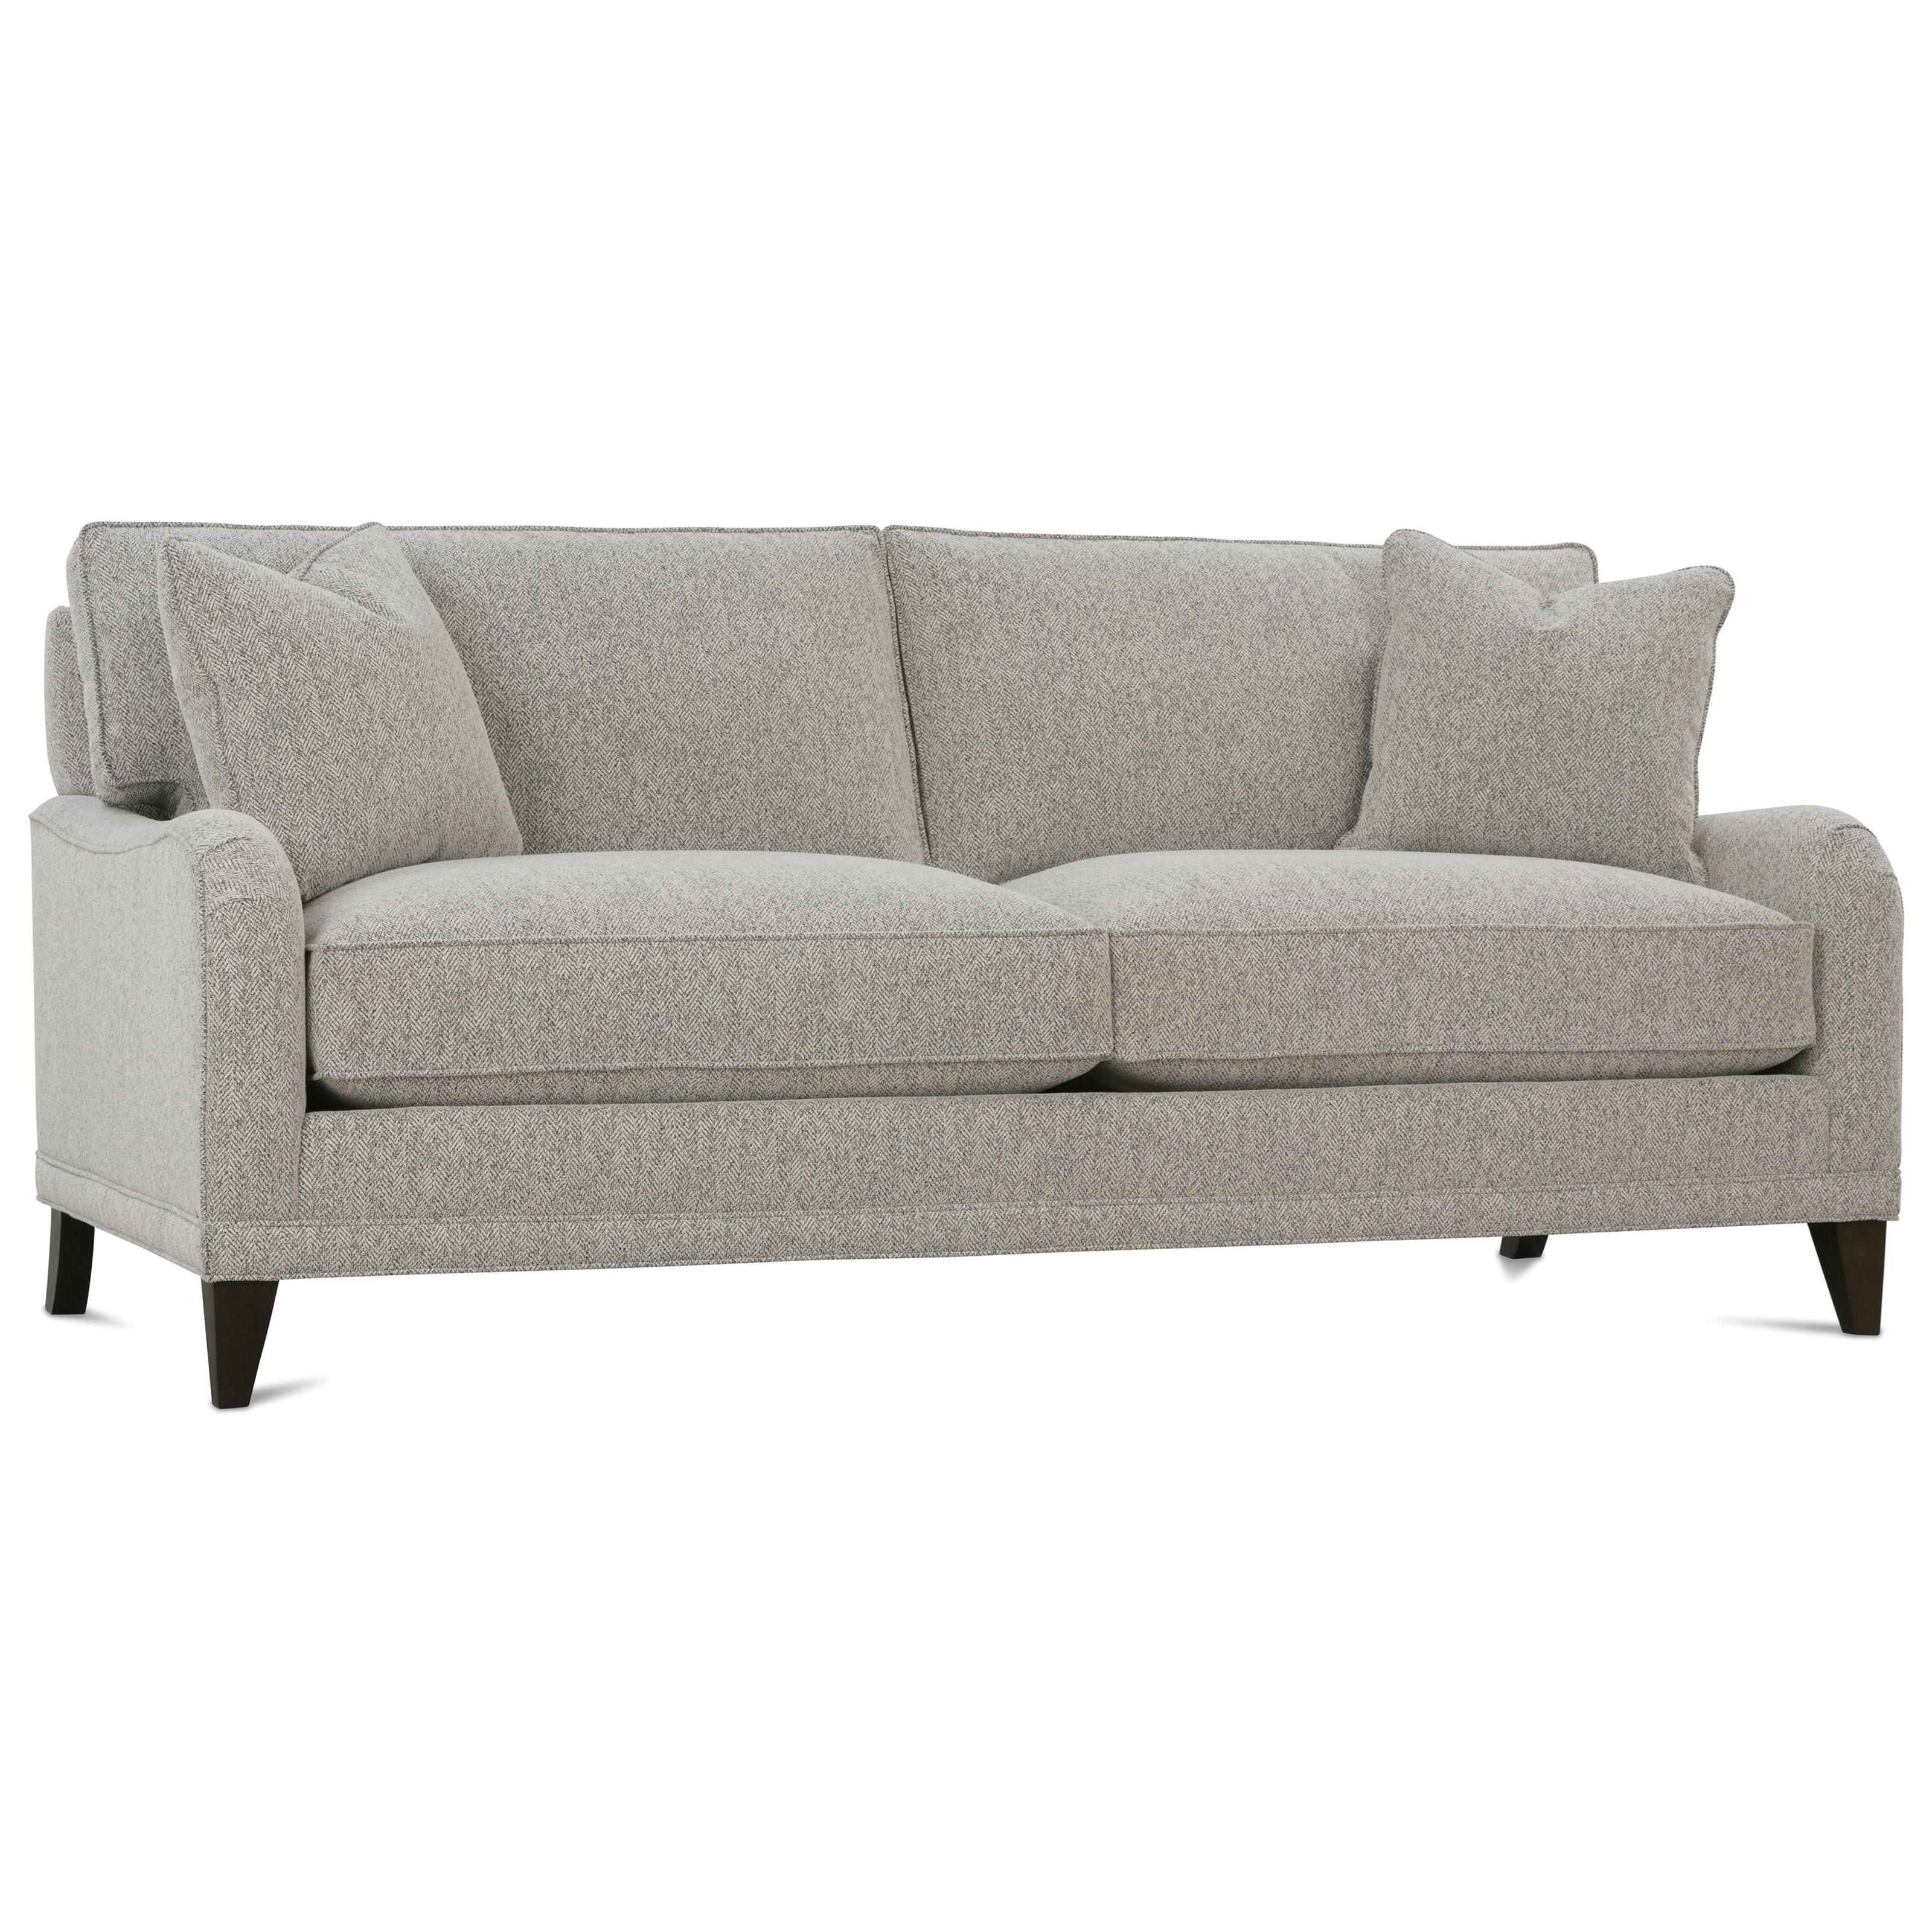 Wonderful Rowe My Style IICustomizable Sofa ...